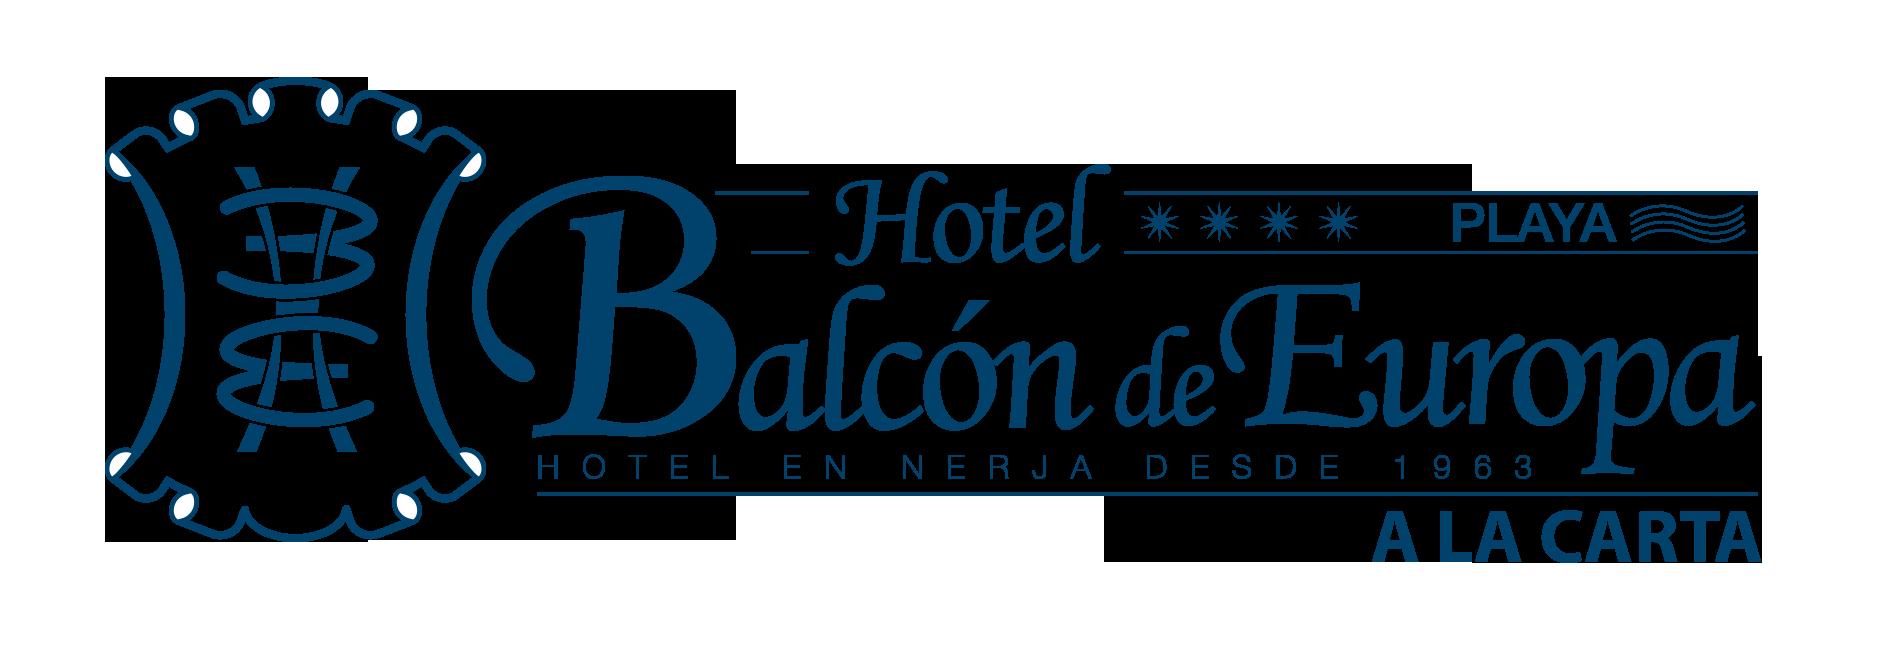 Restaurantes Hotel Balcón de Europa